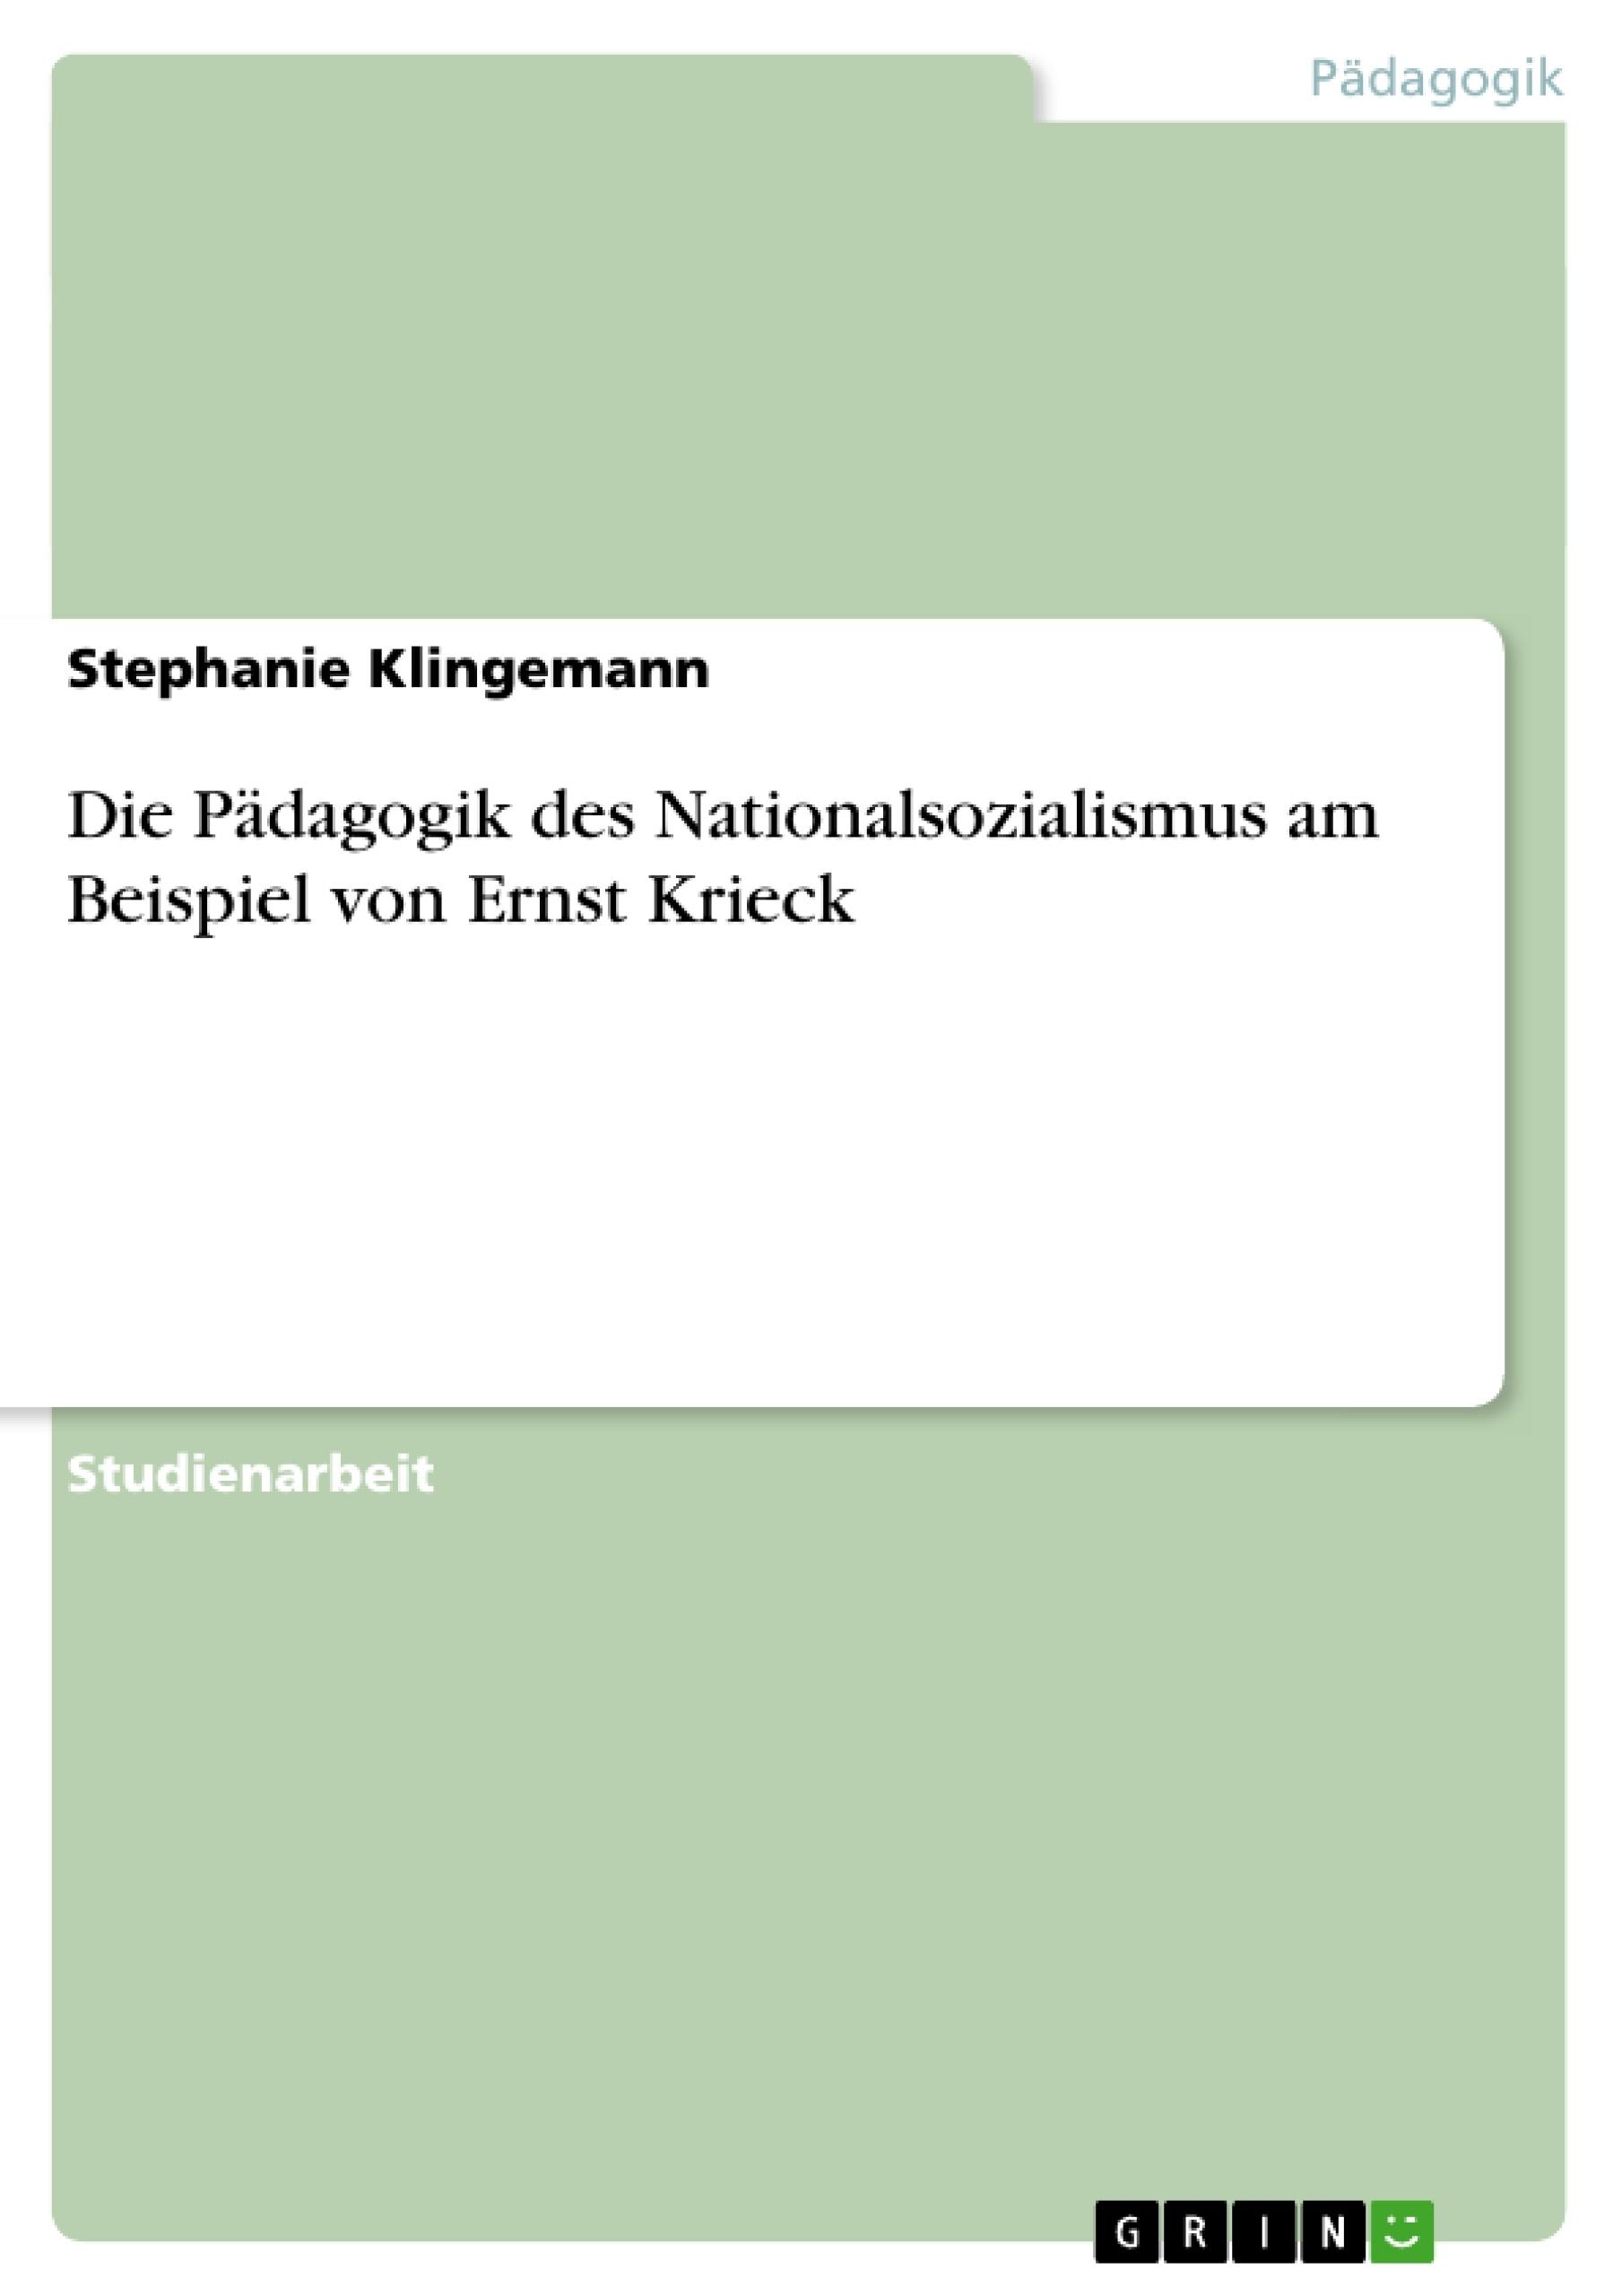 Titel: Die Pädagogik des Nationalsozialismus am Beispiel von Ernst Krieck